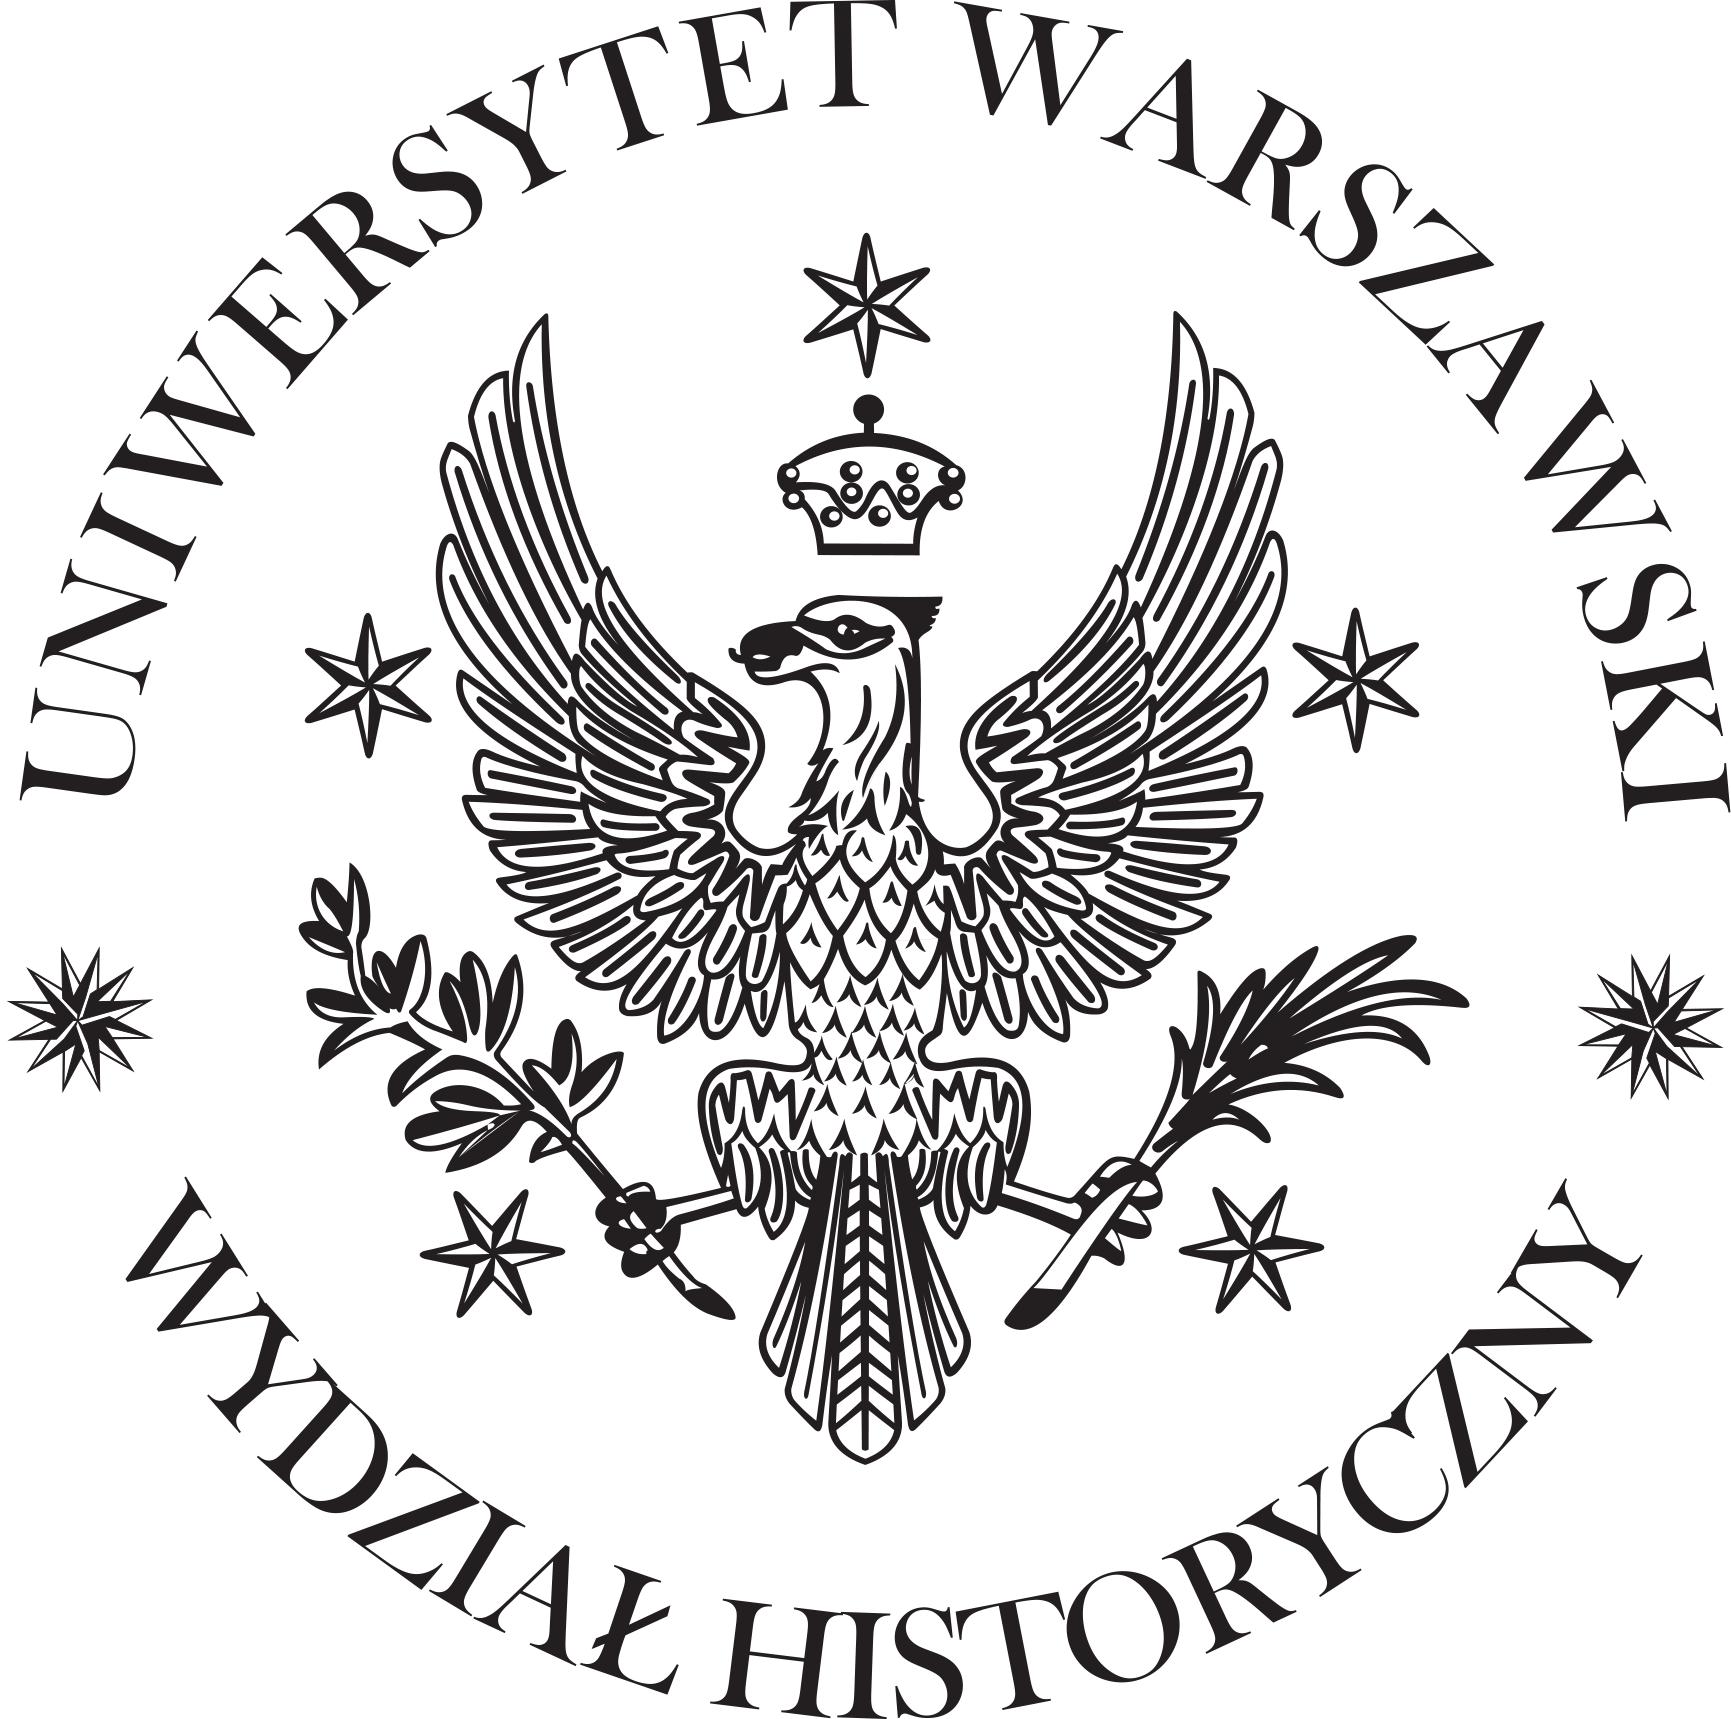 Wydział Historyczny Uniwersytetu Warszawskiego